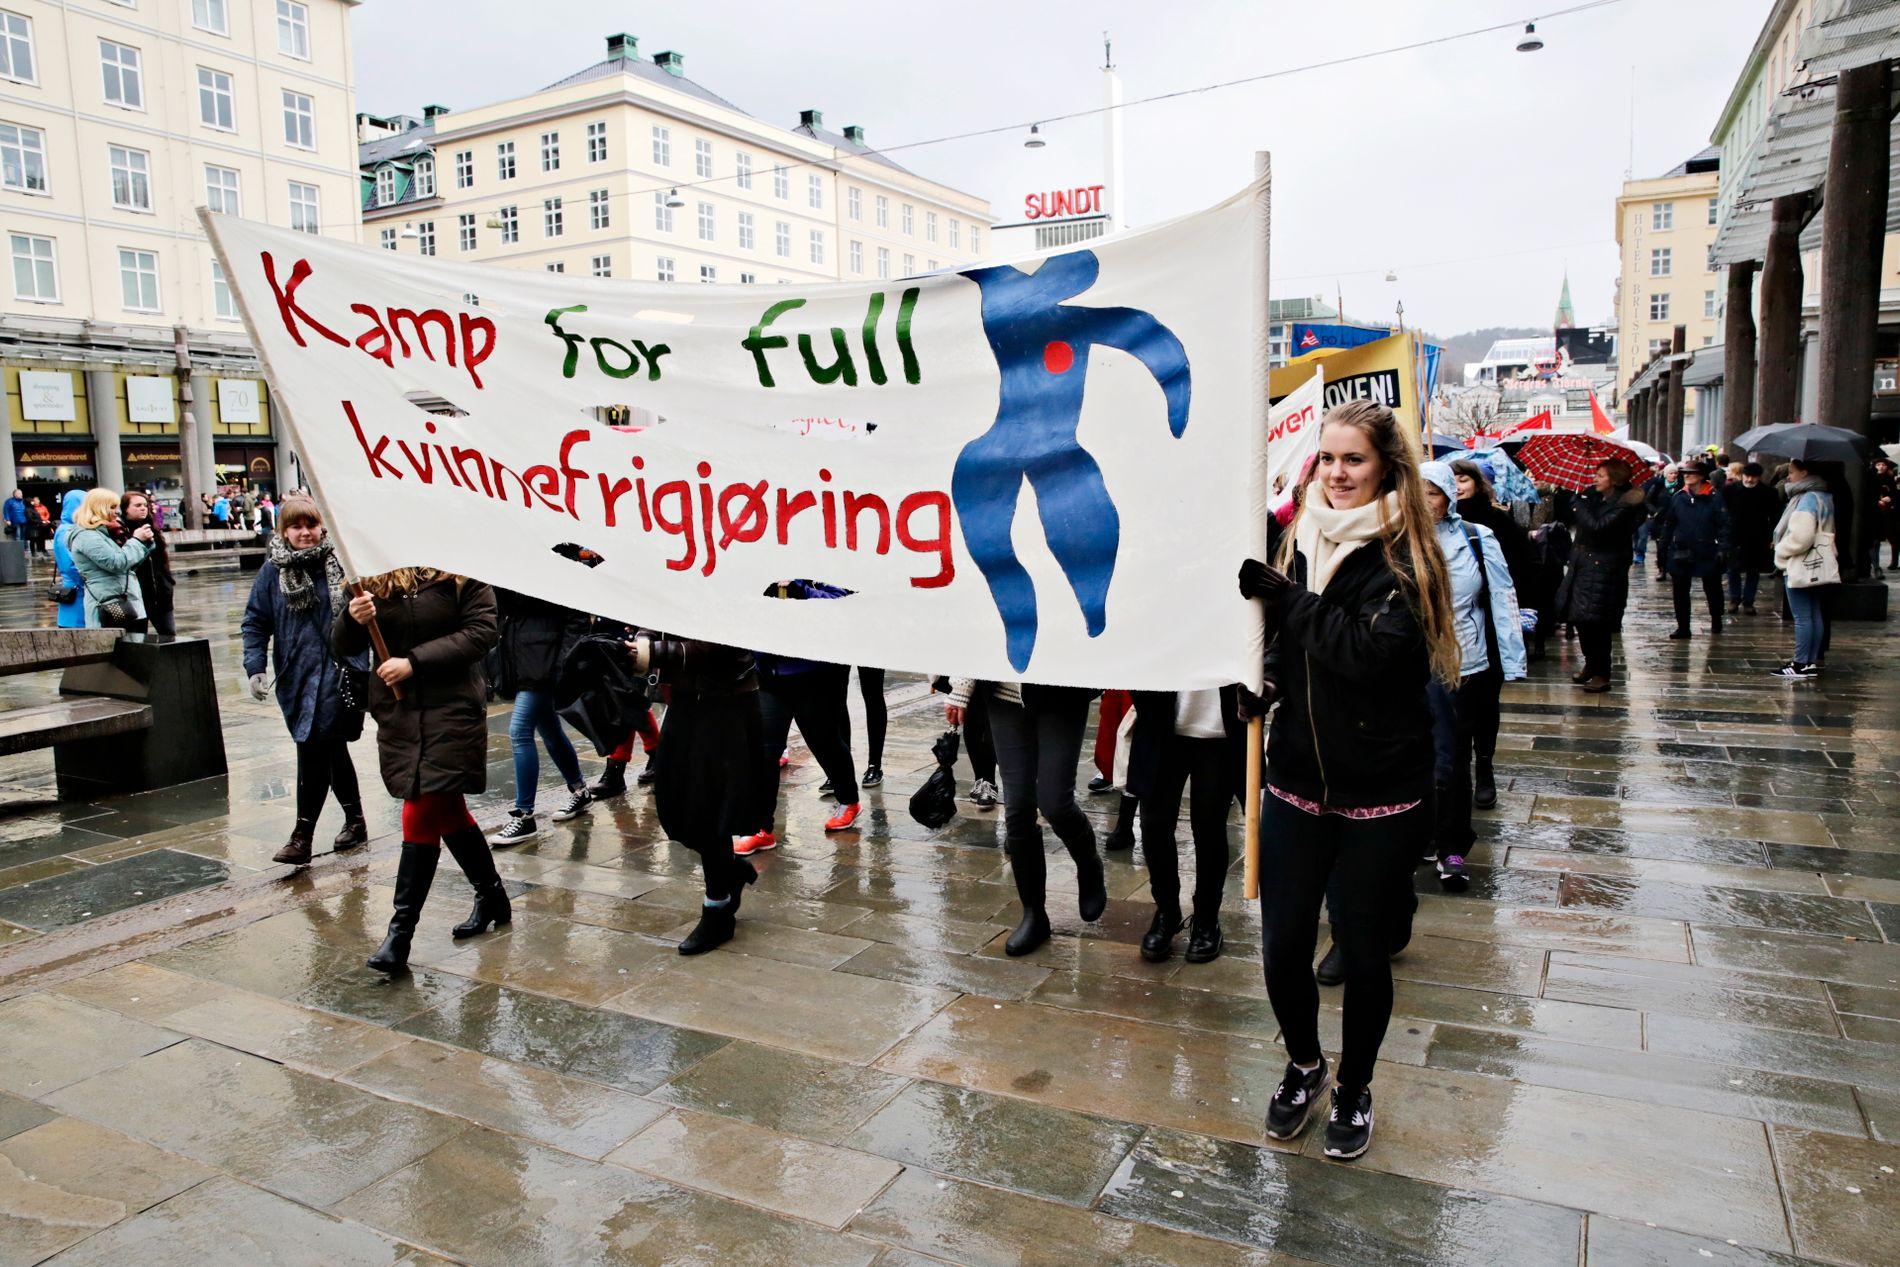 KVINNESAK: Eikefjord spør hva som er kvinnesak. Vårt svar er all politikk, skriver Feministisk initiativ. ARKIVFOTO: Ørjan Deisz